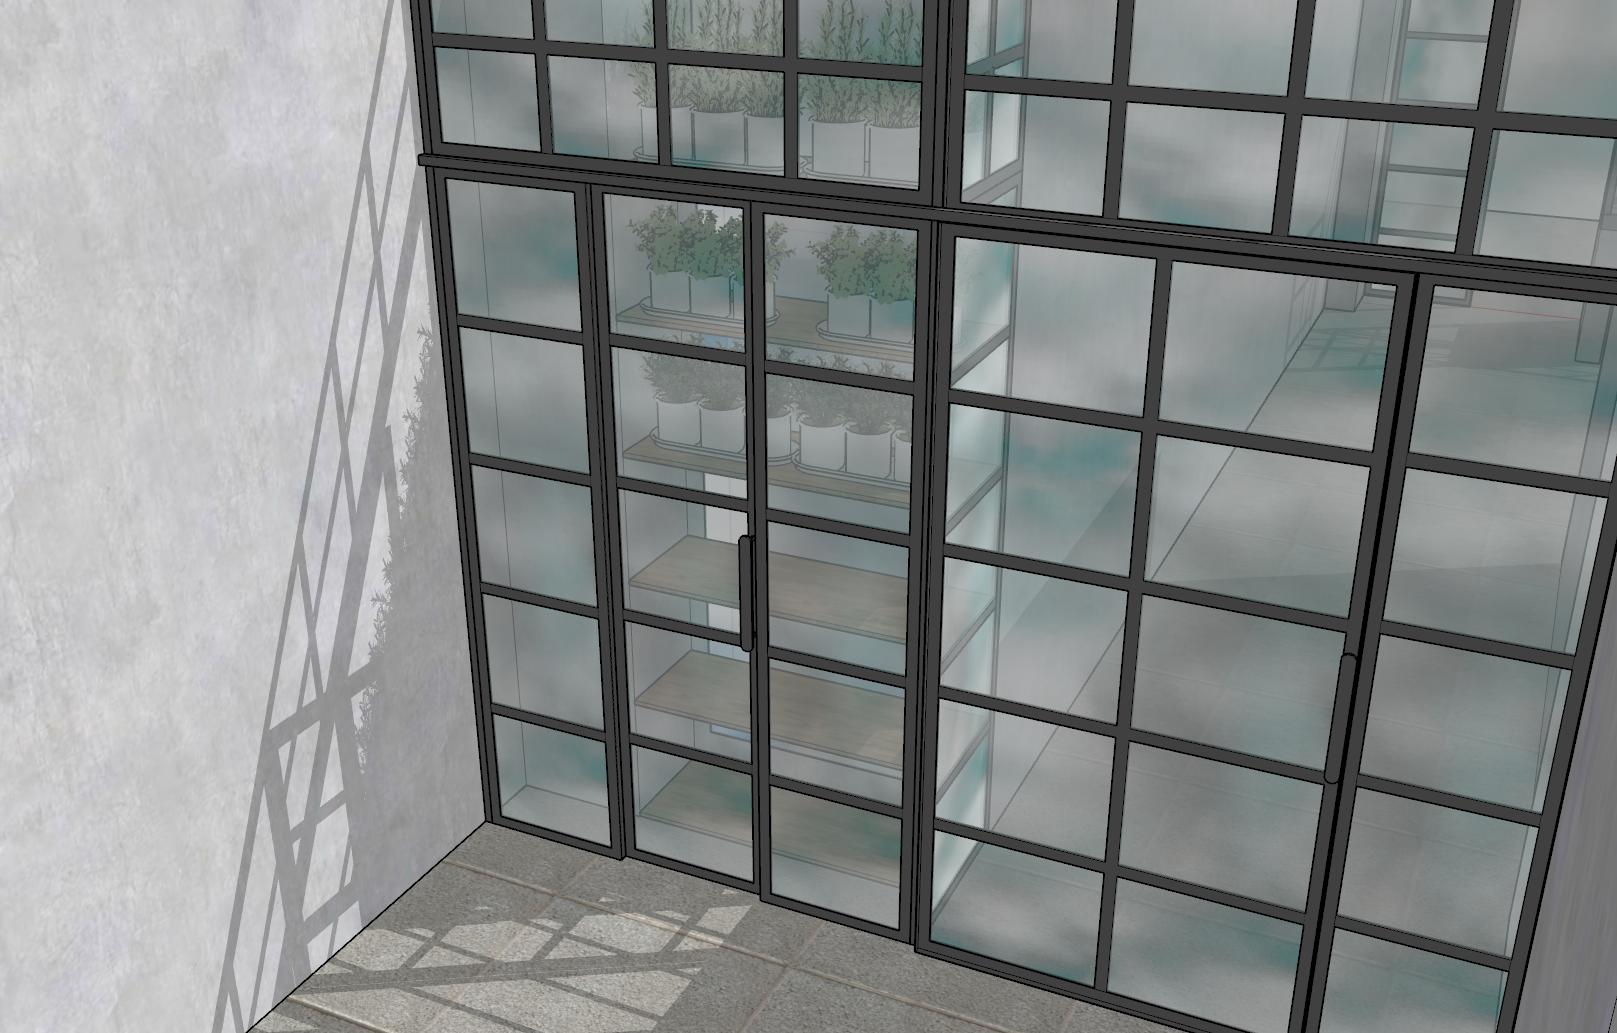 Szklane drzwi przesuIcon Concept, drzwi kute, drzwi metalowe, drzwi metalowe loftowe, drzwi wewnętrzne, wrocław, dolnośląskie, LOFT, drzwi loft, drzwi metalowe loft, kowalstwo, okna metalowe industrialne, witryny metalowe industrialnewne Icon Loft 6